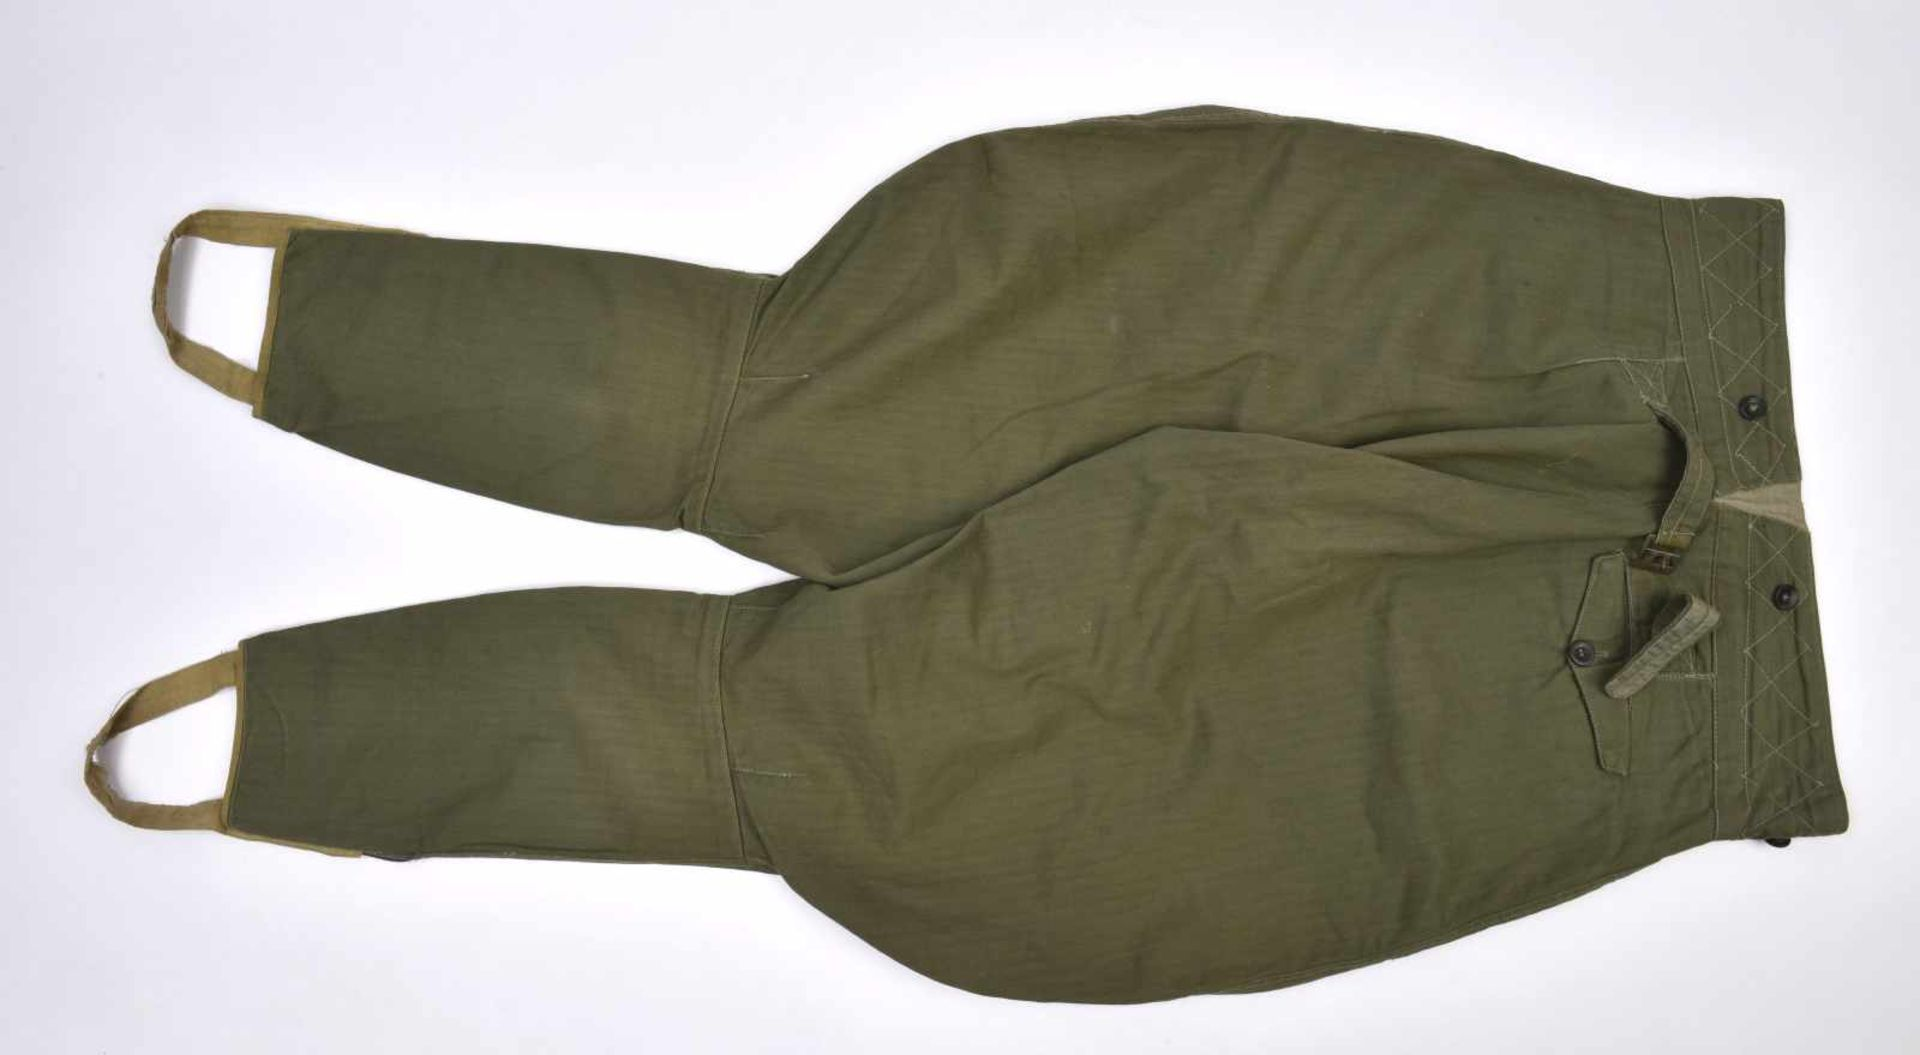 Culotte troupe M.35 en drap HBT exemplaire pratiquement neuf, RARE ! M.35 trousers in the HBT cloth. - Bild 4 aus 4